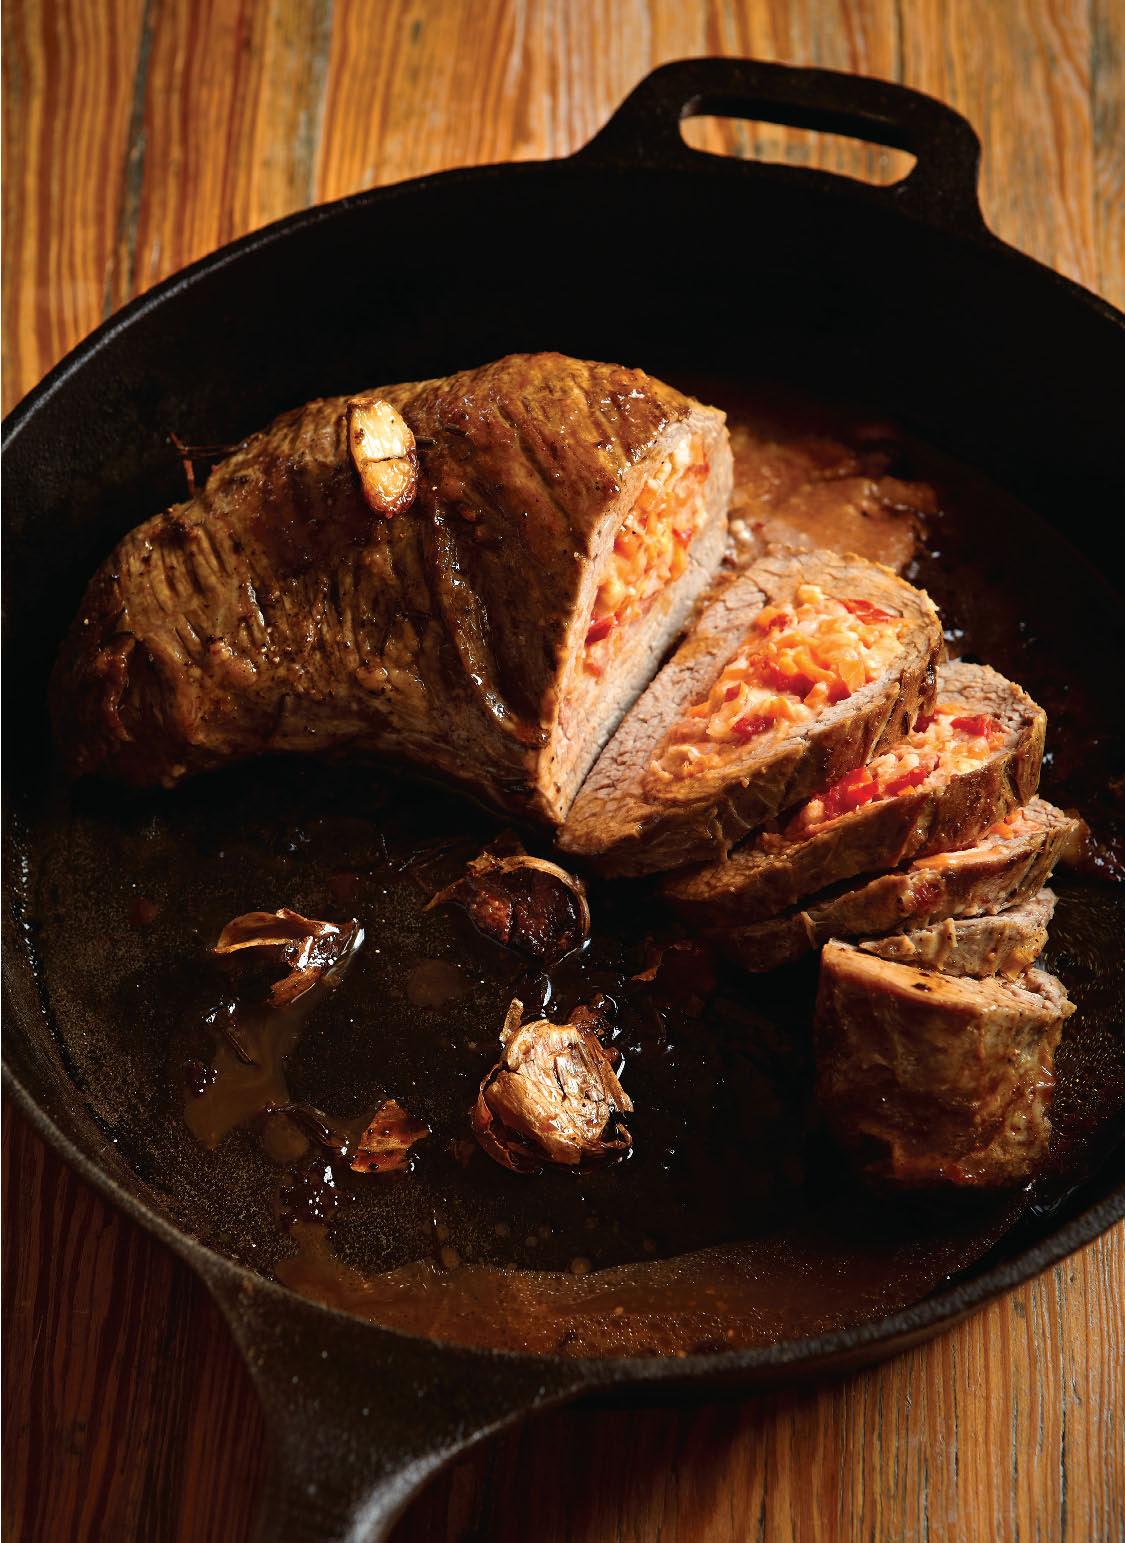 Nuestras recetas de siempre cocina casera y tradicional for La cocina casera